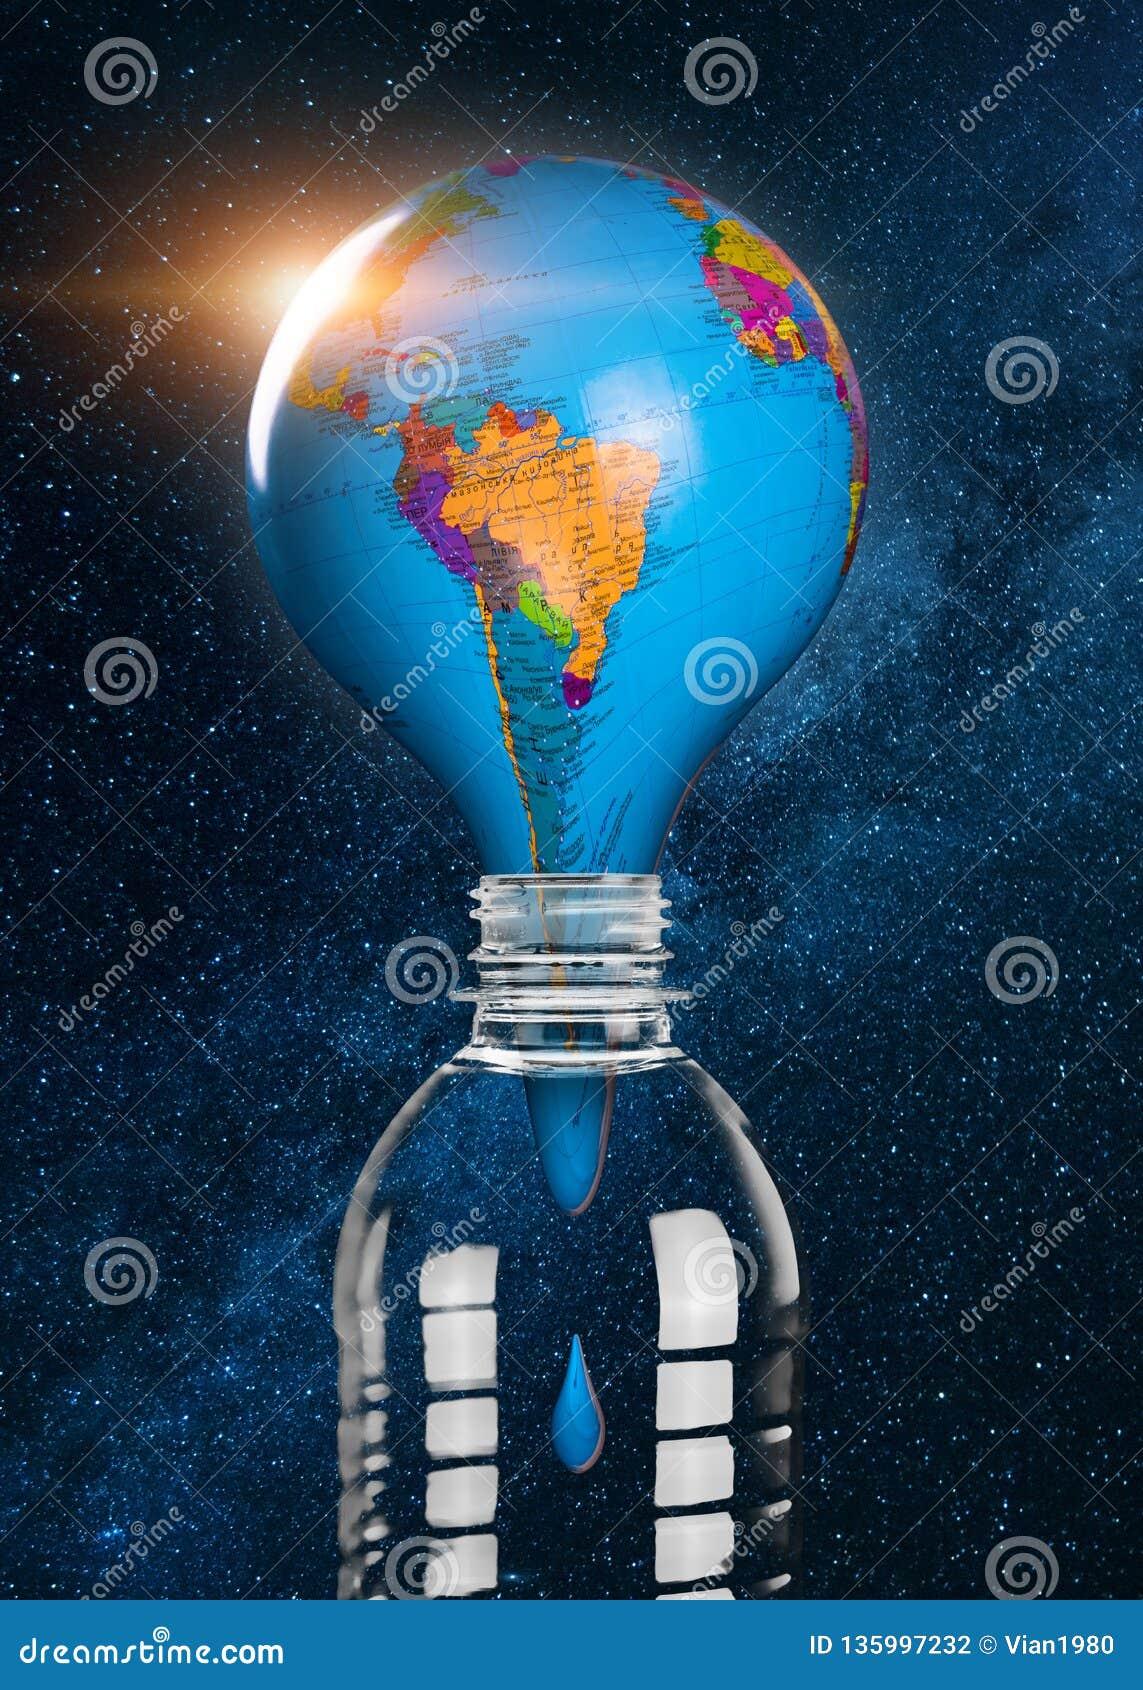 塑料充斥地球的垃圾和垃圾